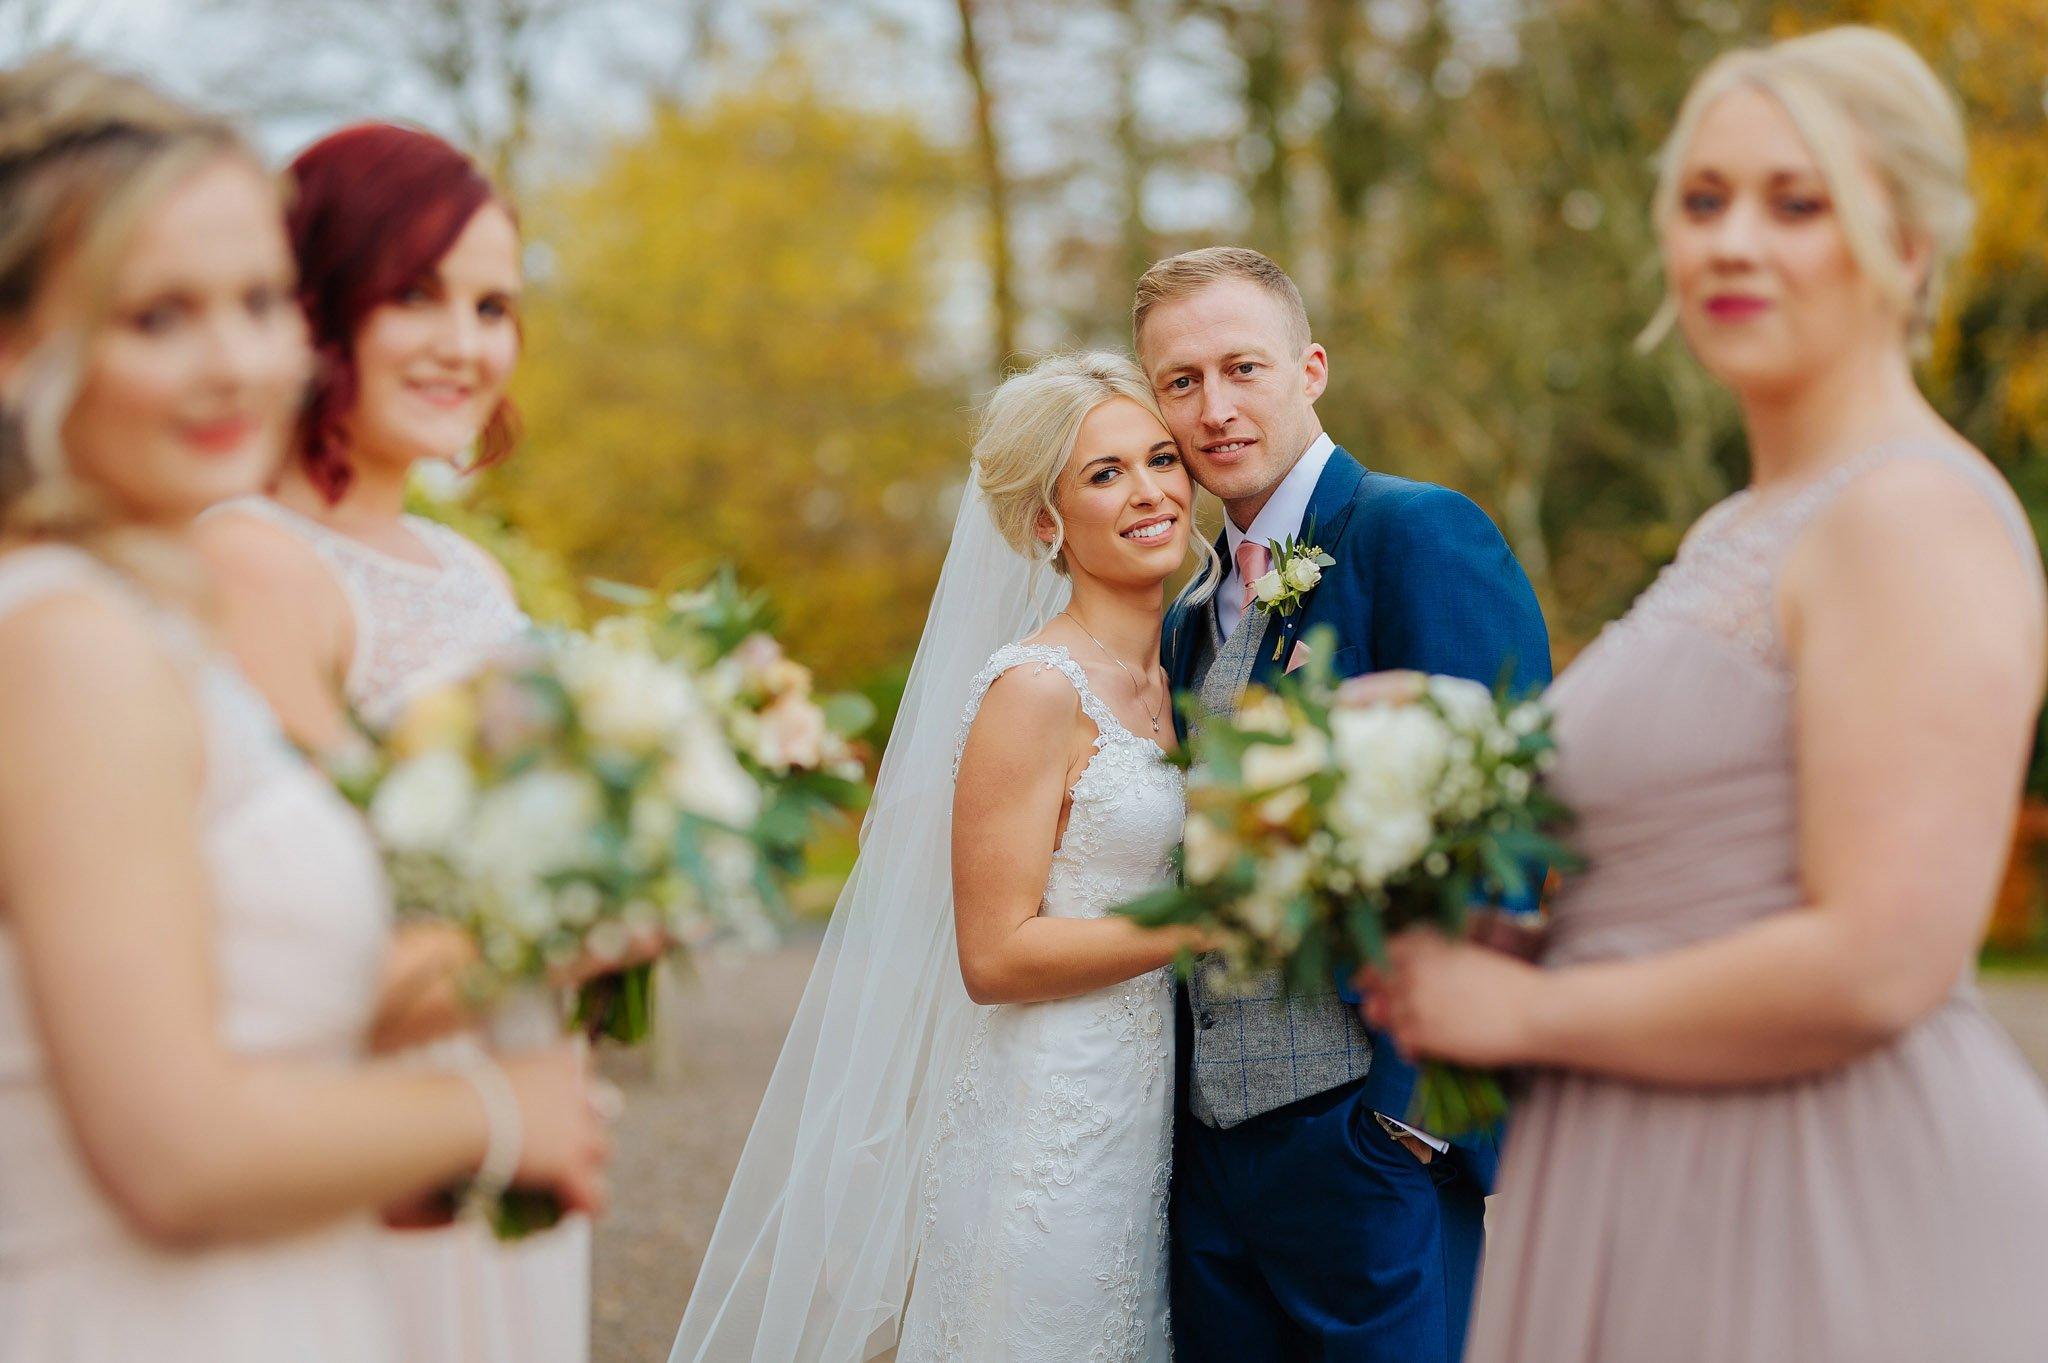 Lemore Manor wedding, Herefordshire - West Midlands | Sadie + Ken 63